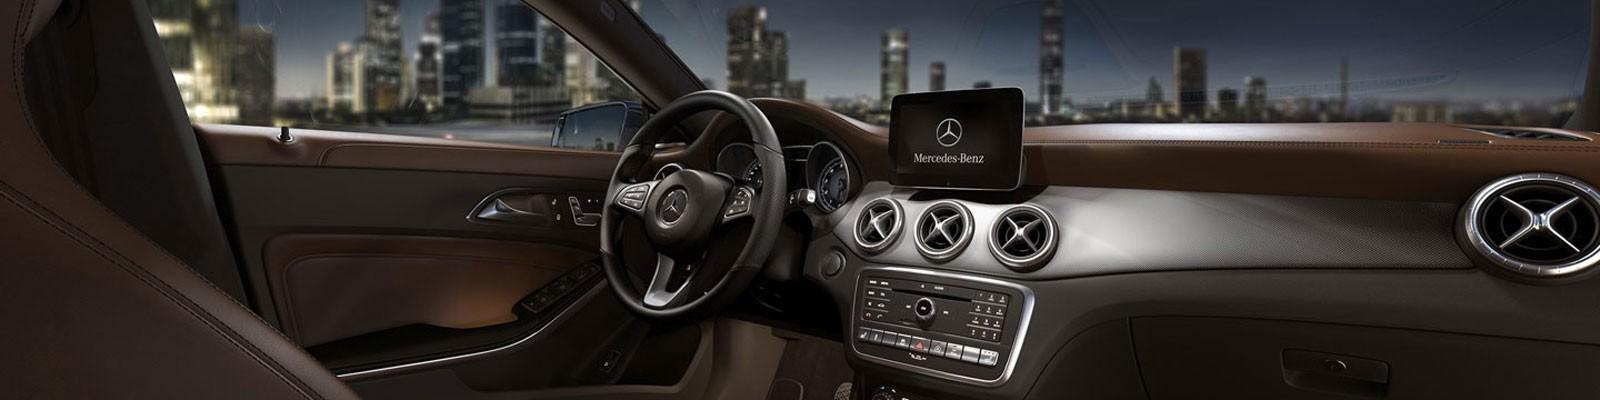 Mercedes-Benz CLA Coupe interior